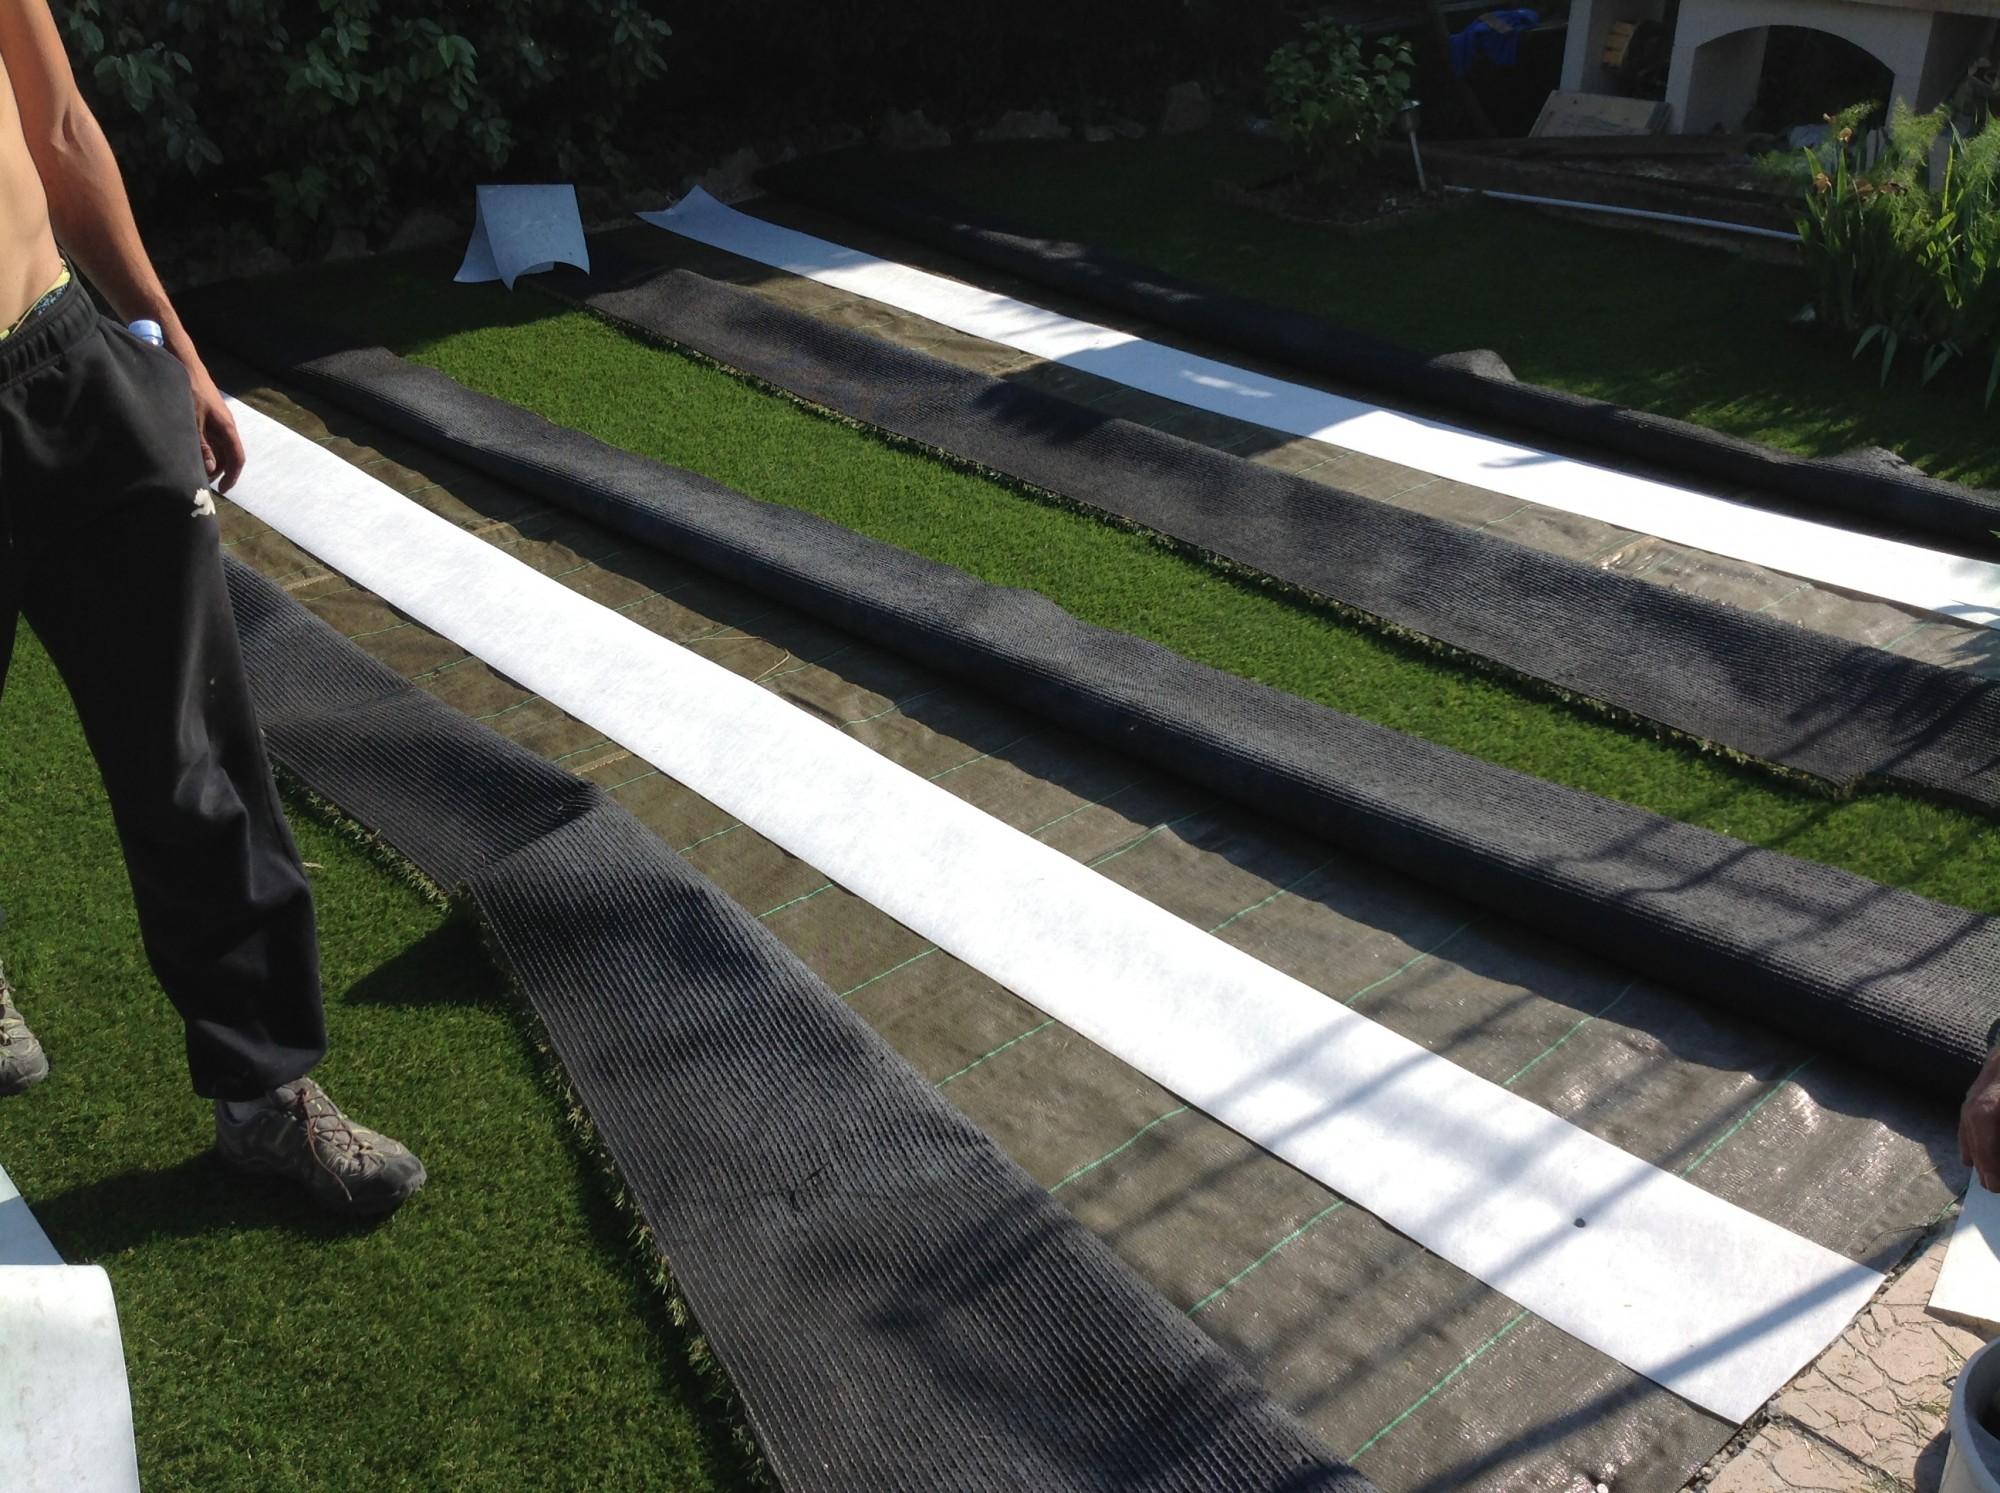 Mise en place des bandes de pontage lors d'une installation de gazon synthétique à Toulon